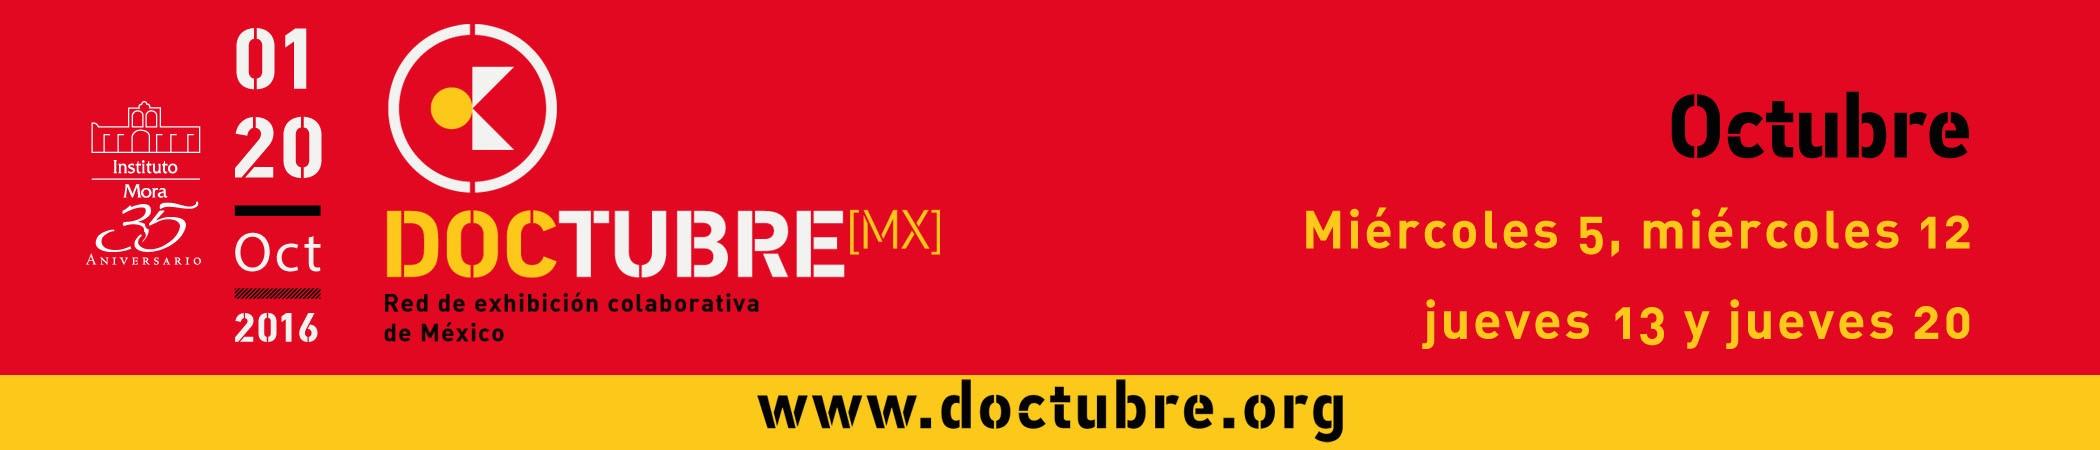 DoctubreMX Red de exhibición colaborativa de México